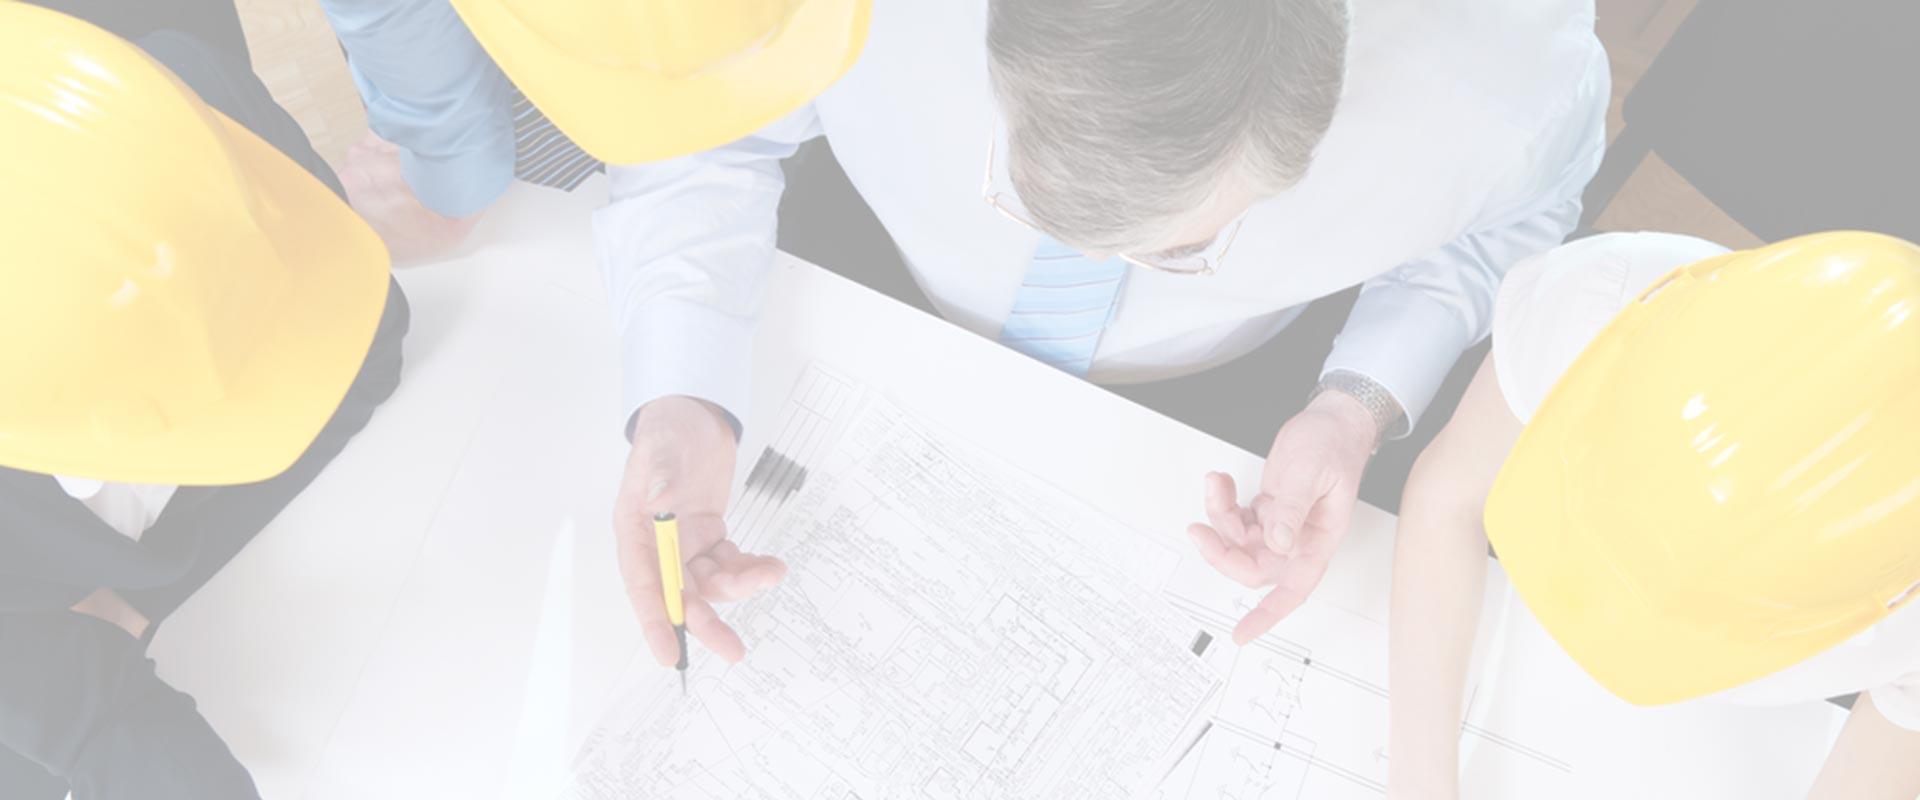 Safe Construction Services